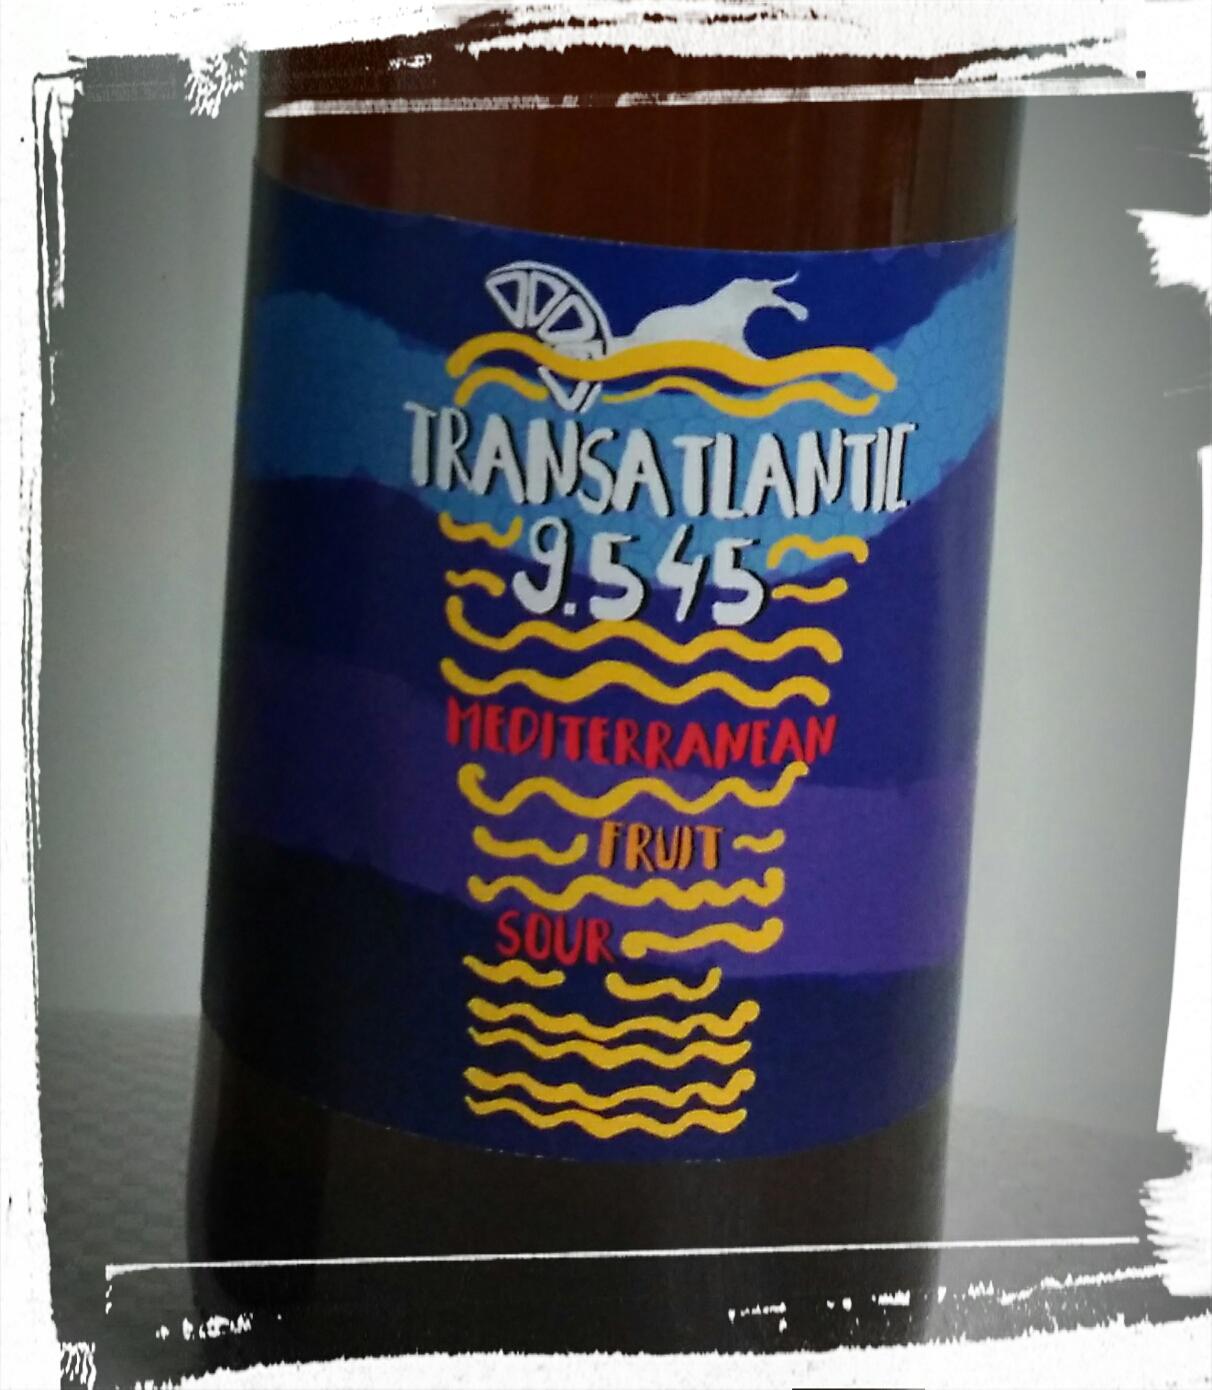 La Transtalantic 9545, una de les nostres cerveses artesanes de la sèrie Brewed among friend